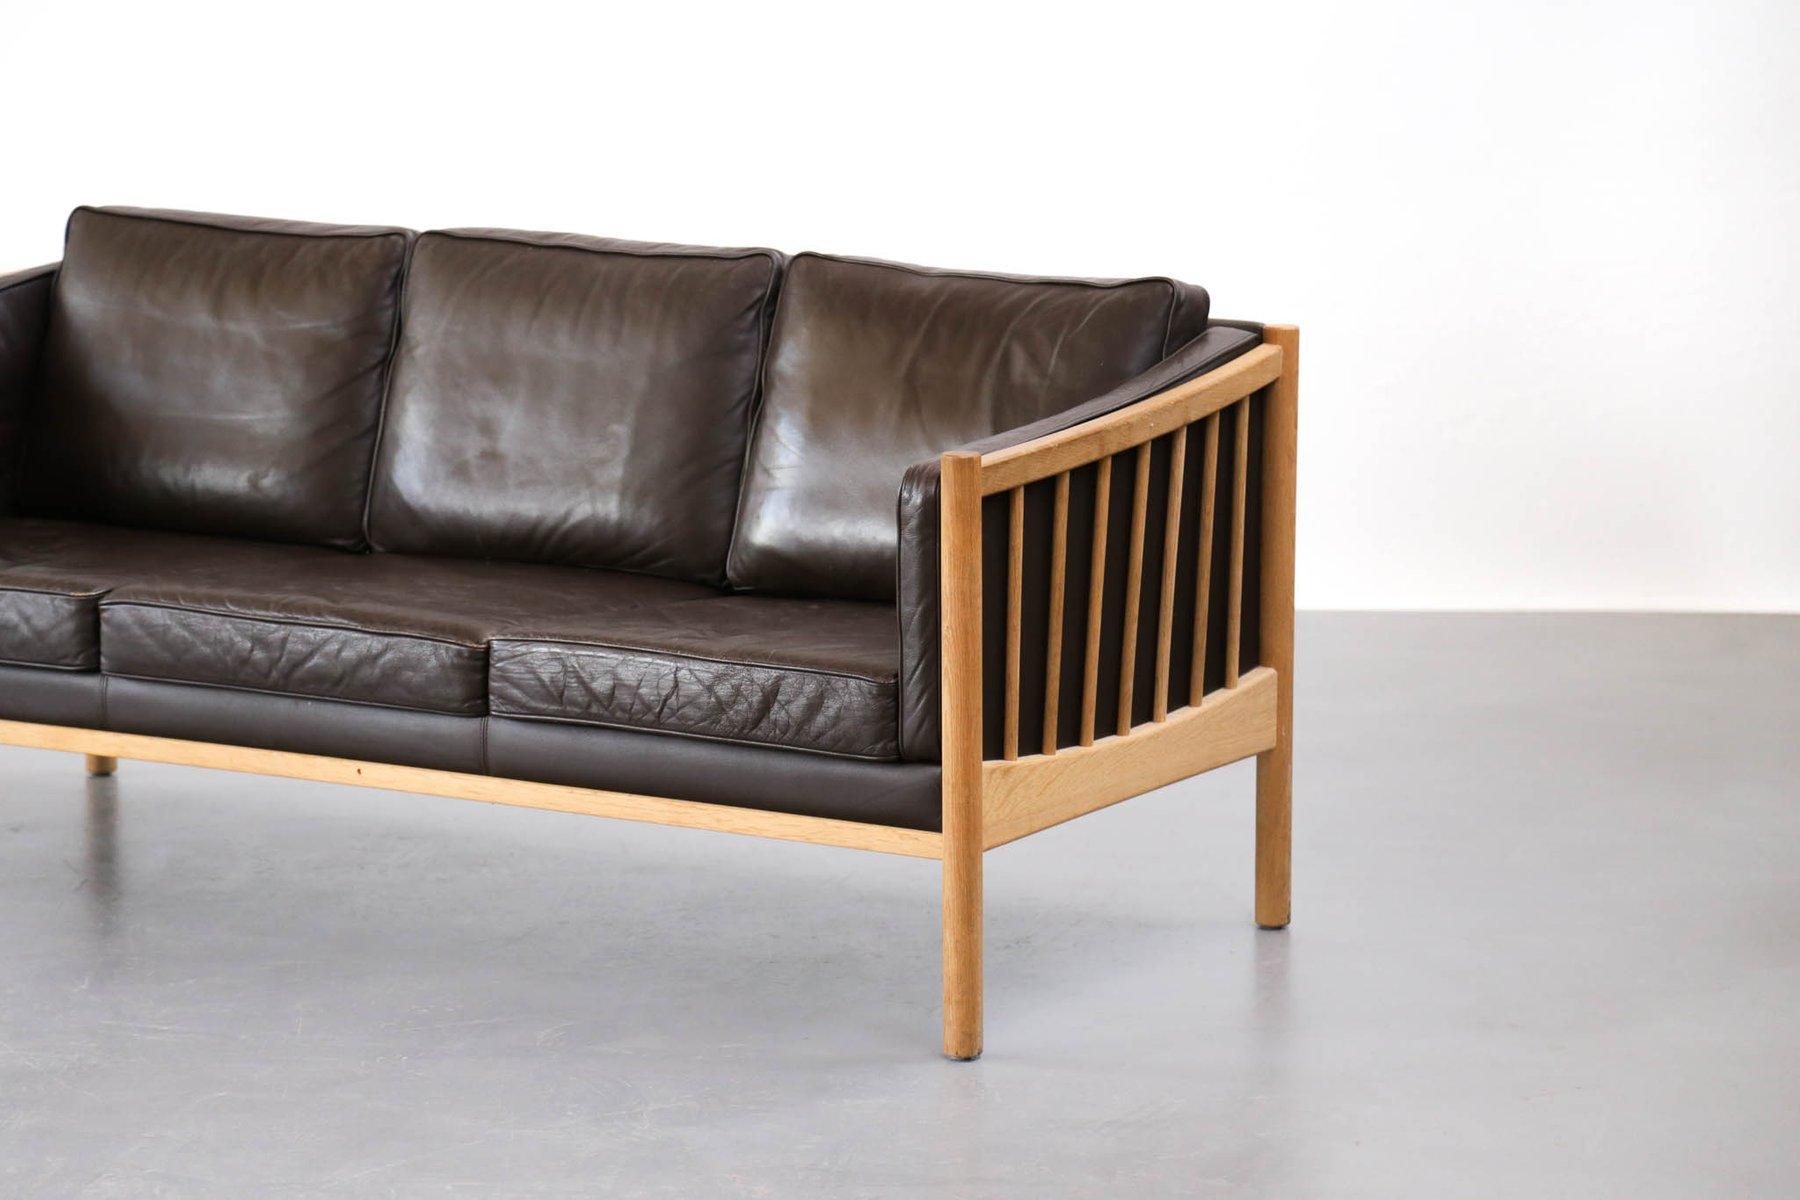 Canap mid century scandinave en cuir marron 1970s en for Canape en cuir marron